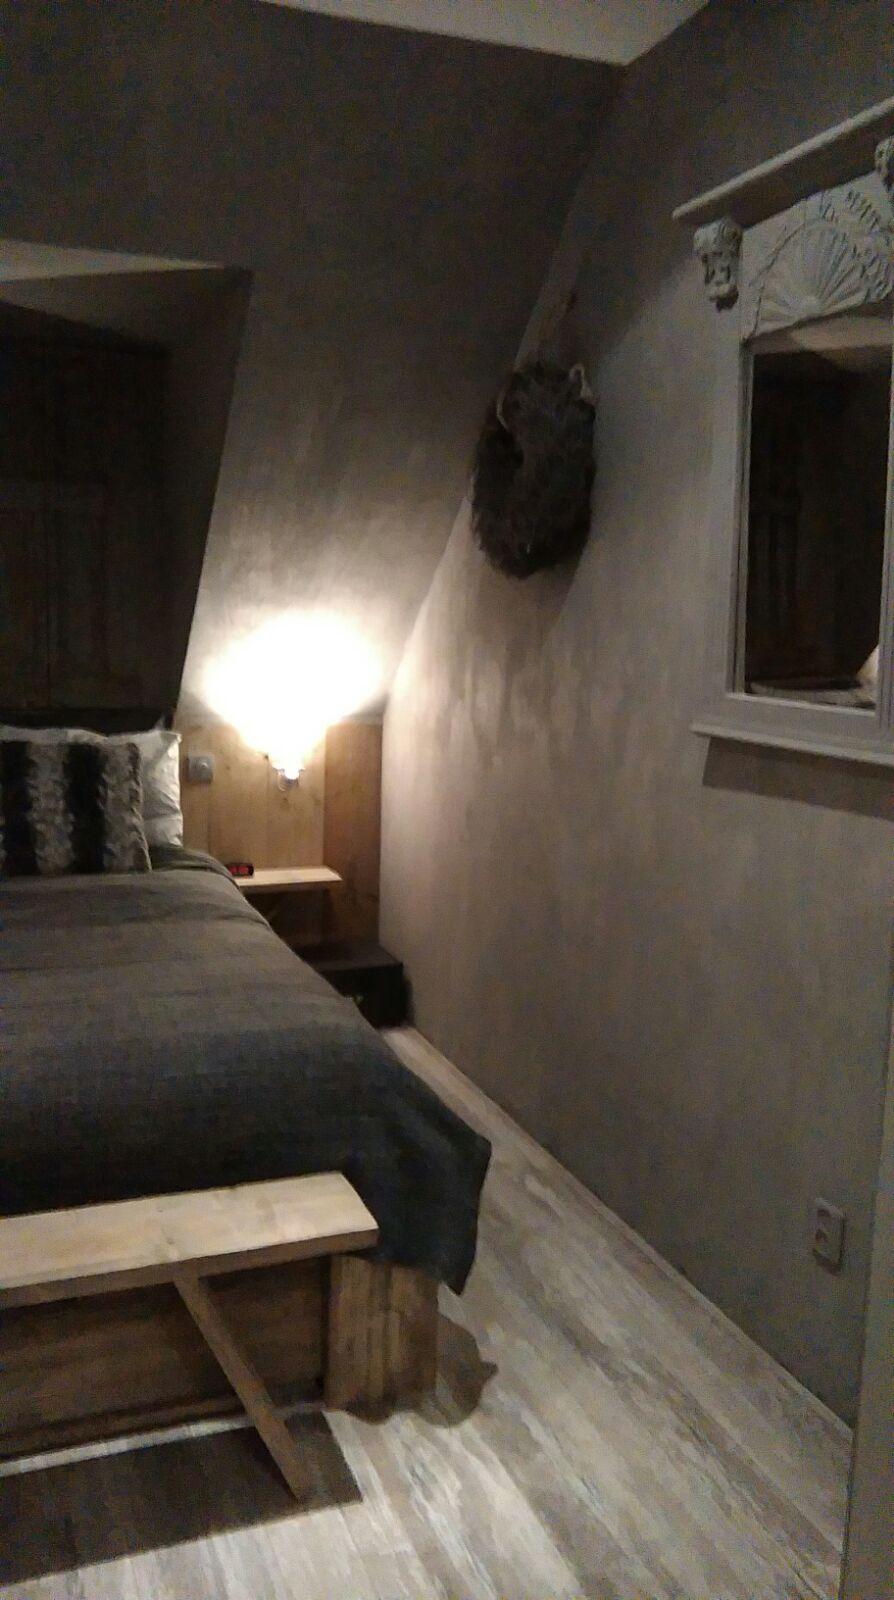 Wonen in je eigen stijl: verbouwing slaapkamer